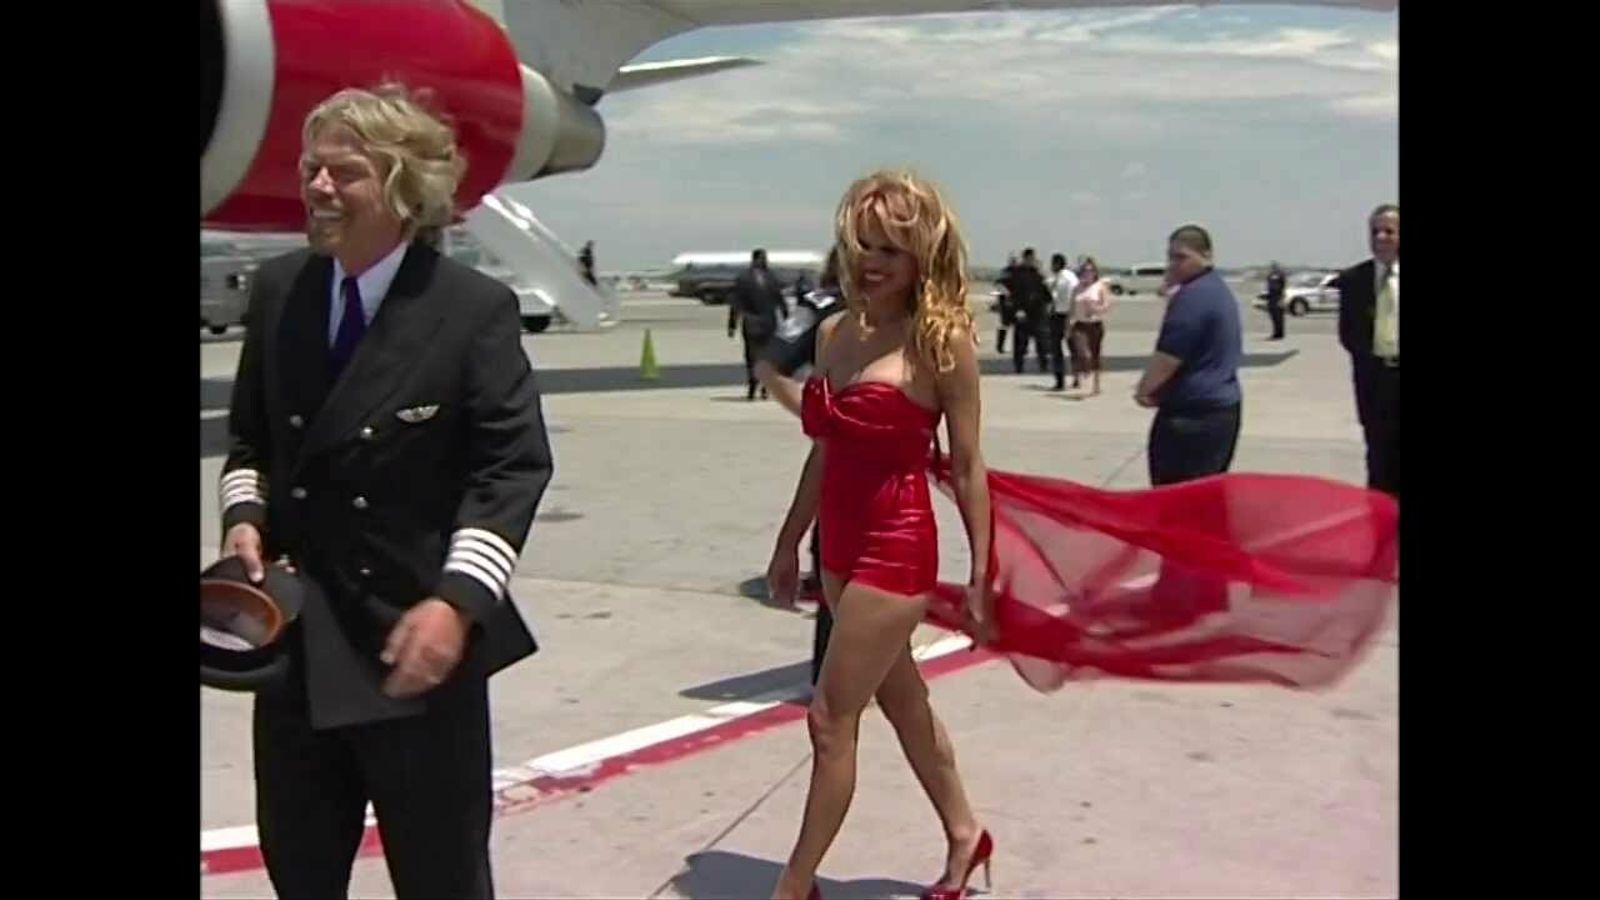 Richard Branson i Pamela Anderson, en una imatge promocional dels vols Londres-Nova York